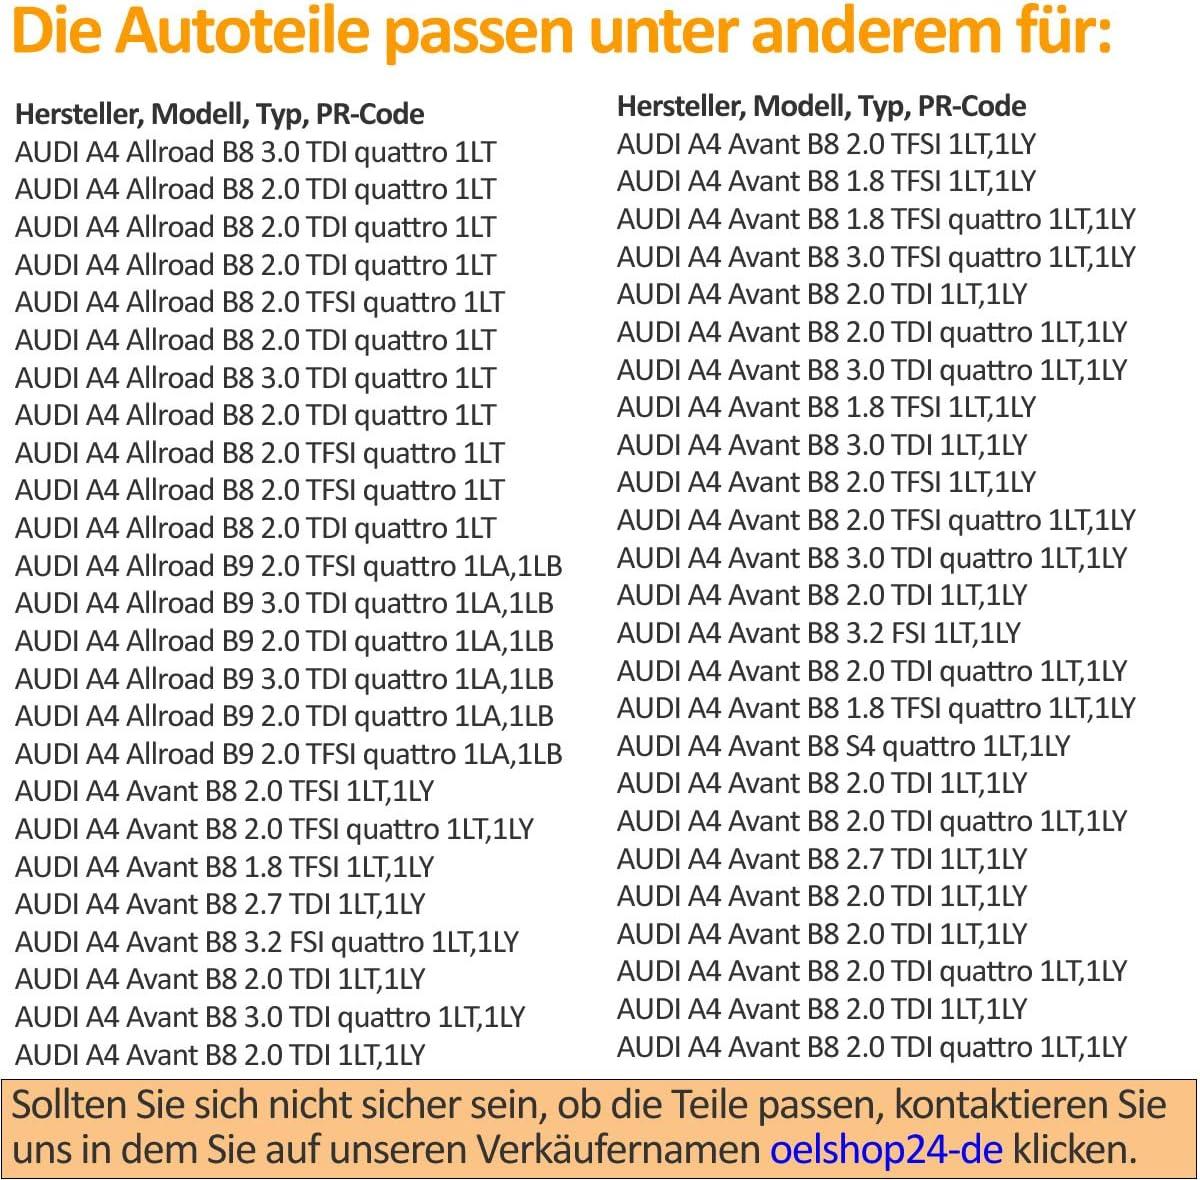 Priner Montagehandschuhe Inspektionspaket Zimmermann Bremsen Set inkl Bremsscheiben und Bremsbel/äge f/ür vorne /Ø 314 mm enthalten AN205 inkl 100/% passend f/ür Ihr Fahrzeug